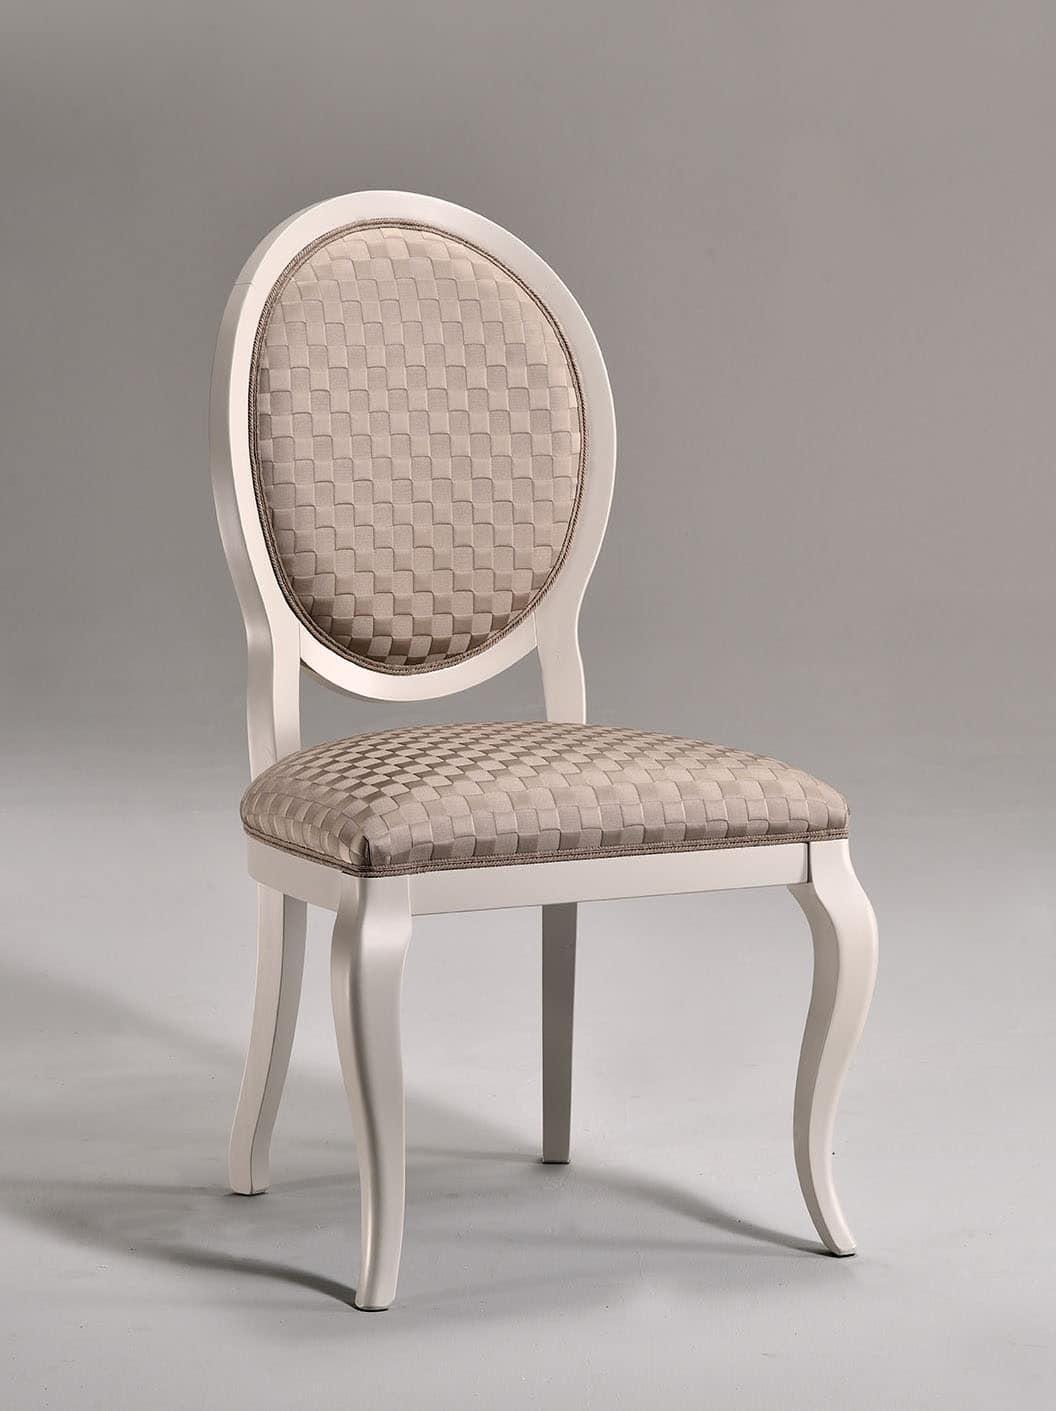 Sedia da pranzo sedile rivestito per zona giorno idfdesign for Sedia design pranzo